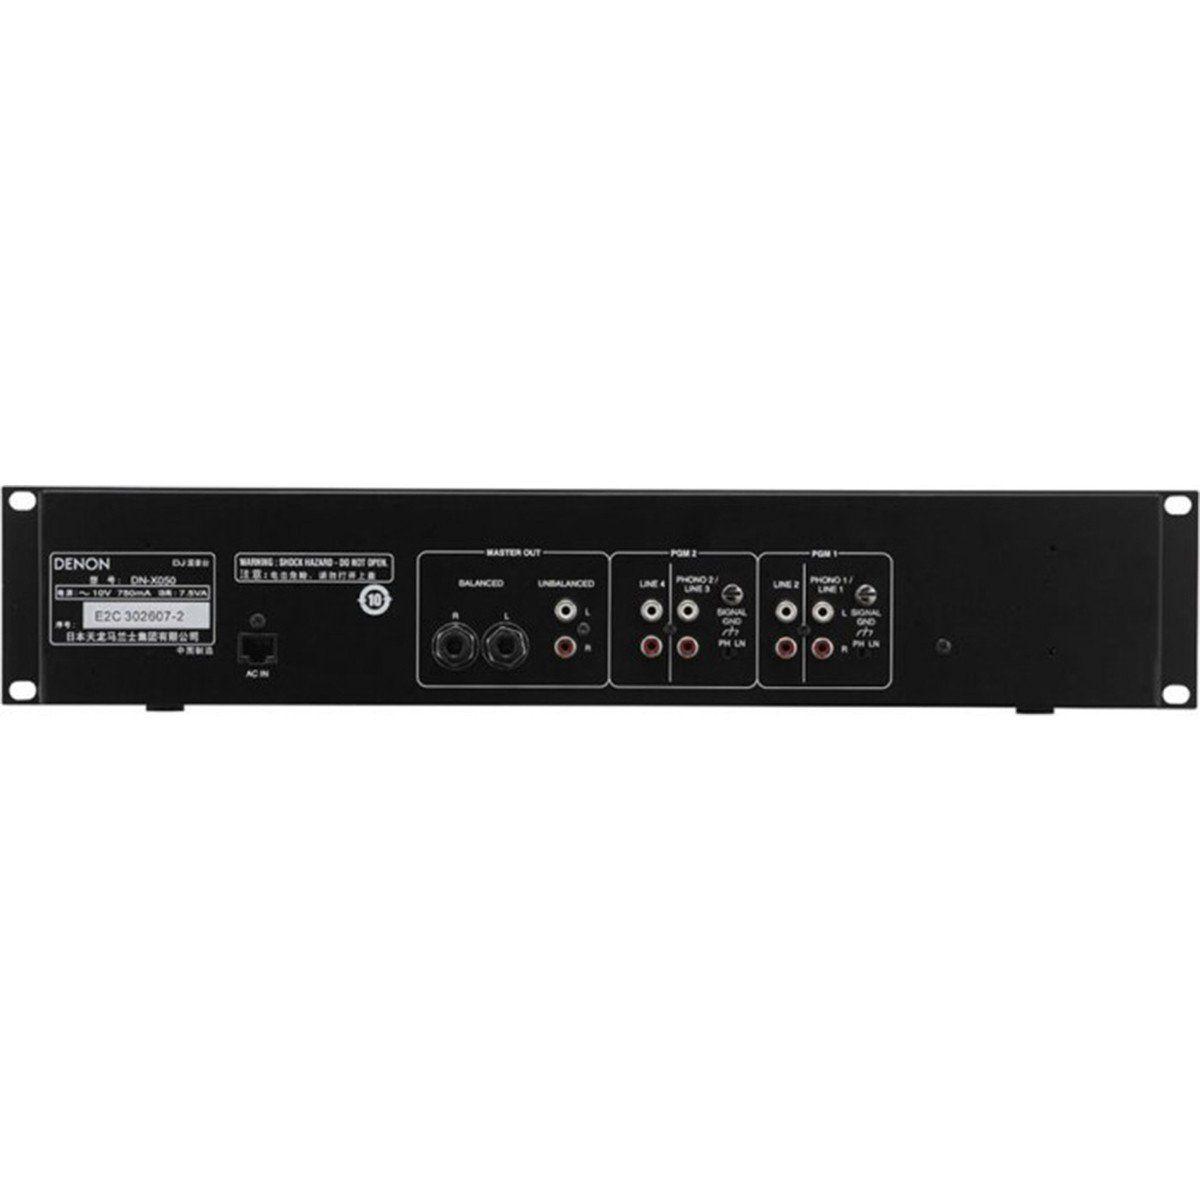 Denon DN-X50E2 Mixer Denon DN-X50E2 para Dj Profissional Compacto e Portátil